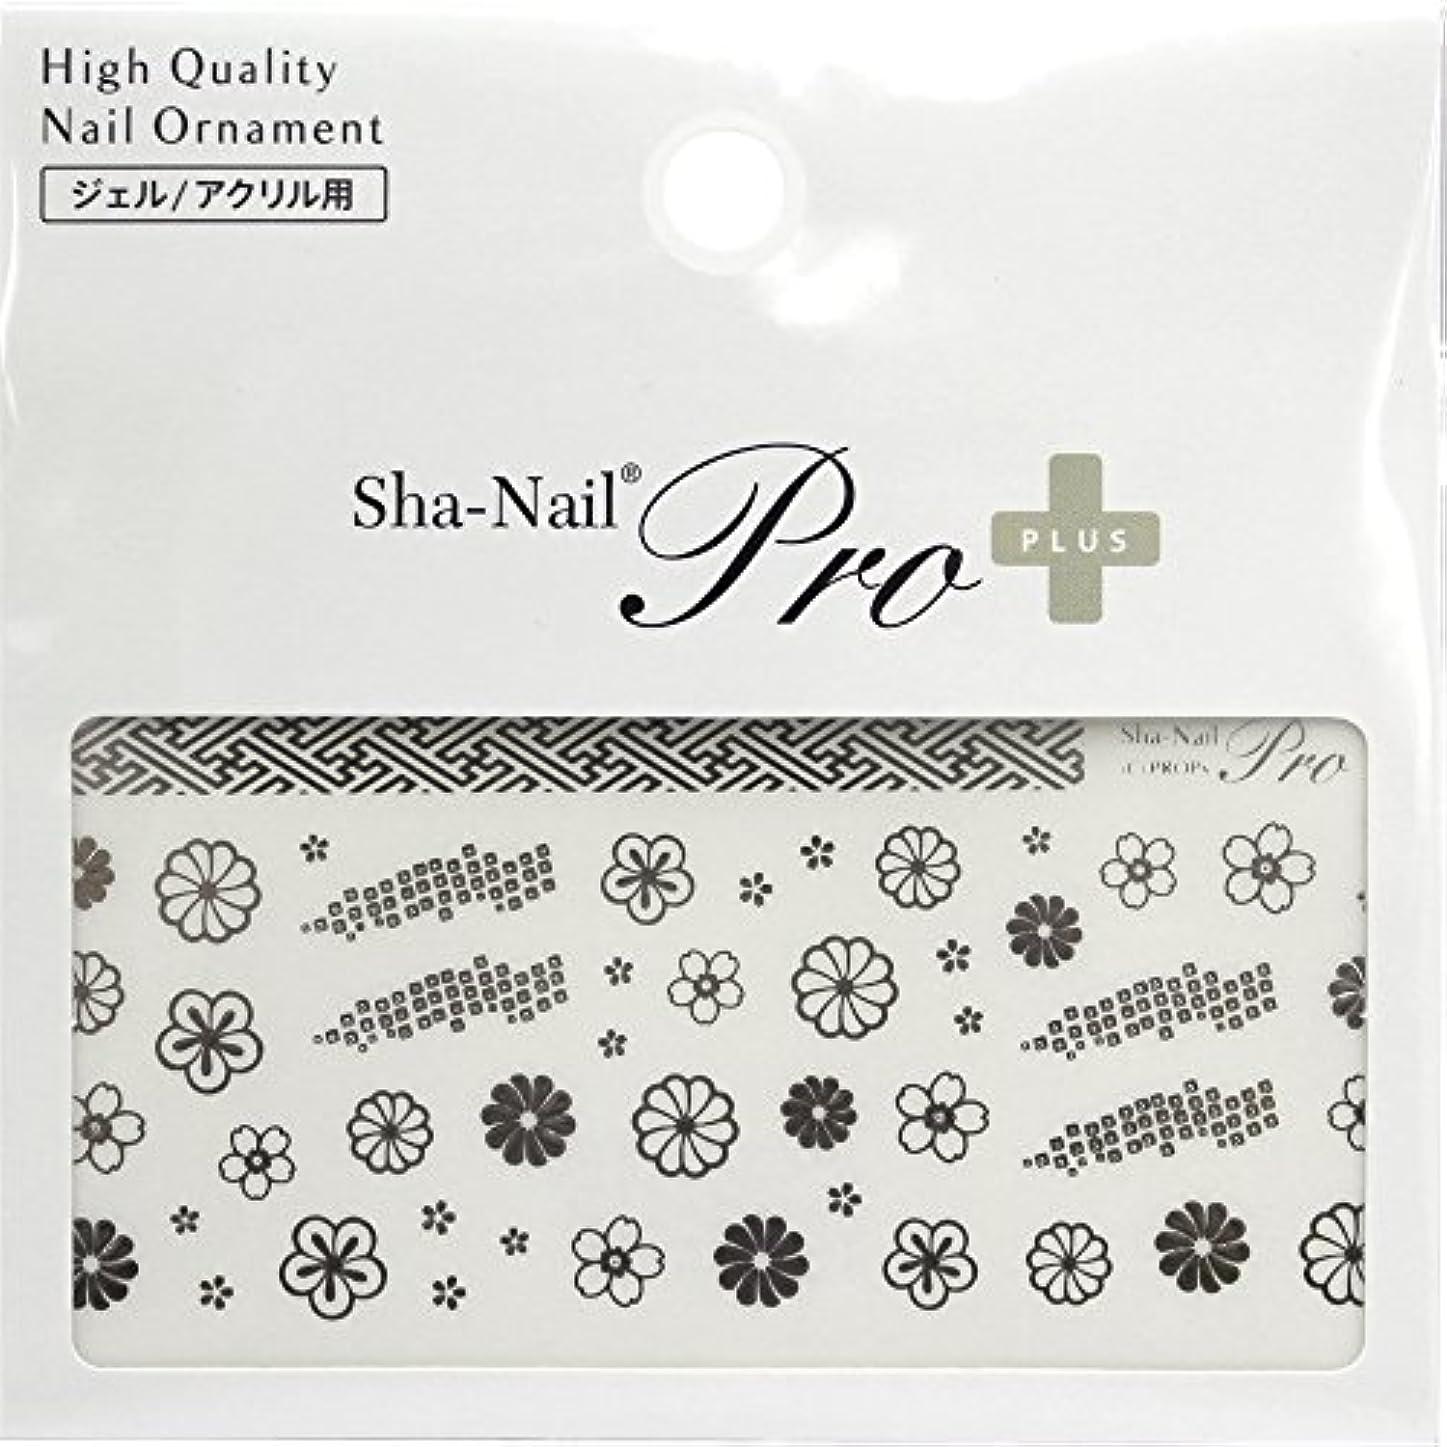 分割湿地滑るSha-Nail PLUS ネイルシール 花綴り 銀 HTD-PS